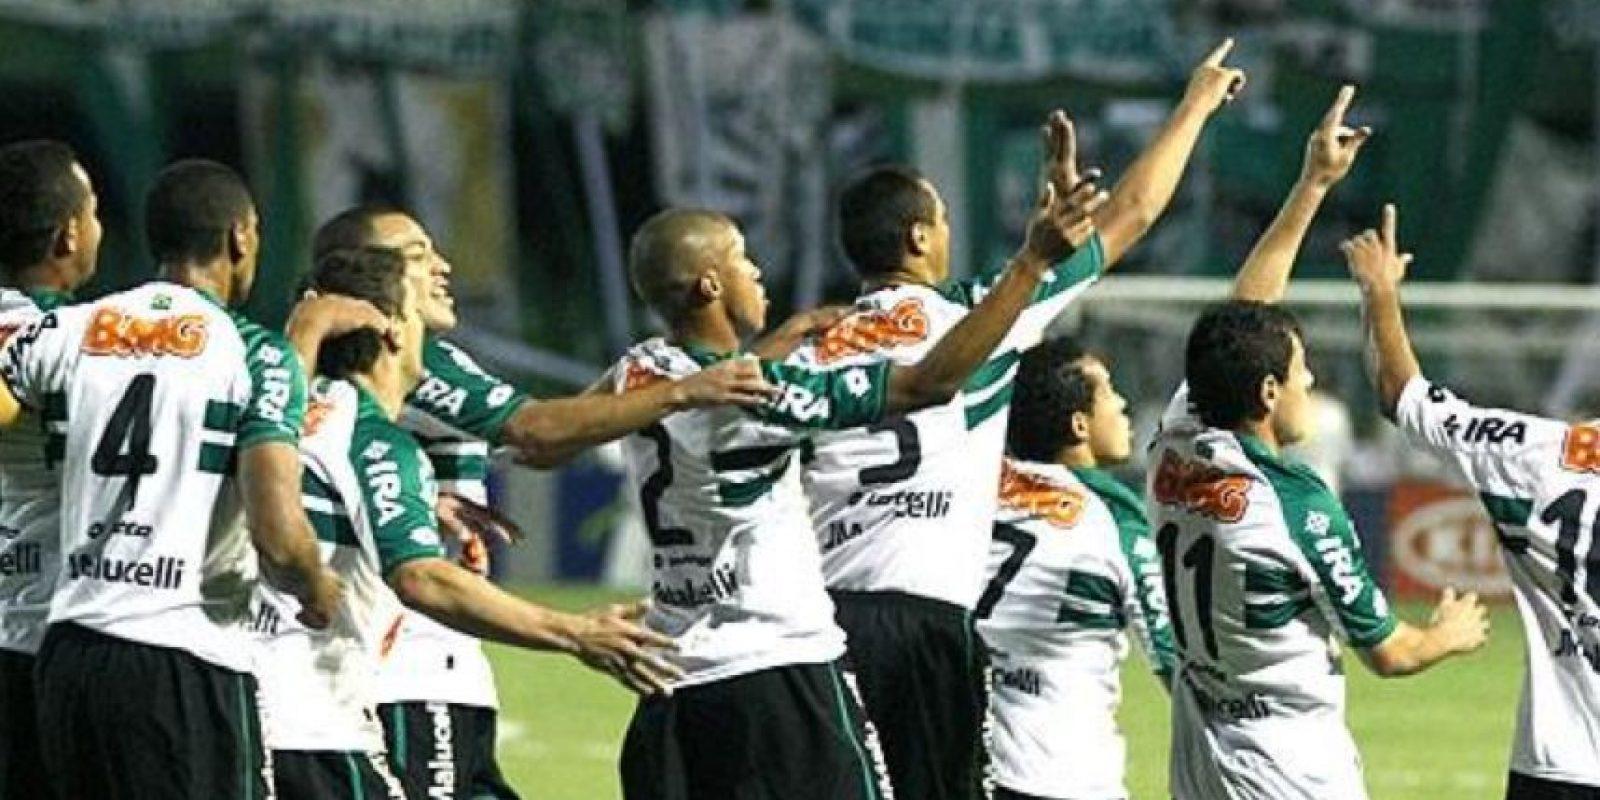 Consiguieron 24 triunfos seguidos en 2011; es el club con la mejor racha del fútbol Foto:Twitter